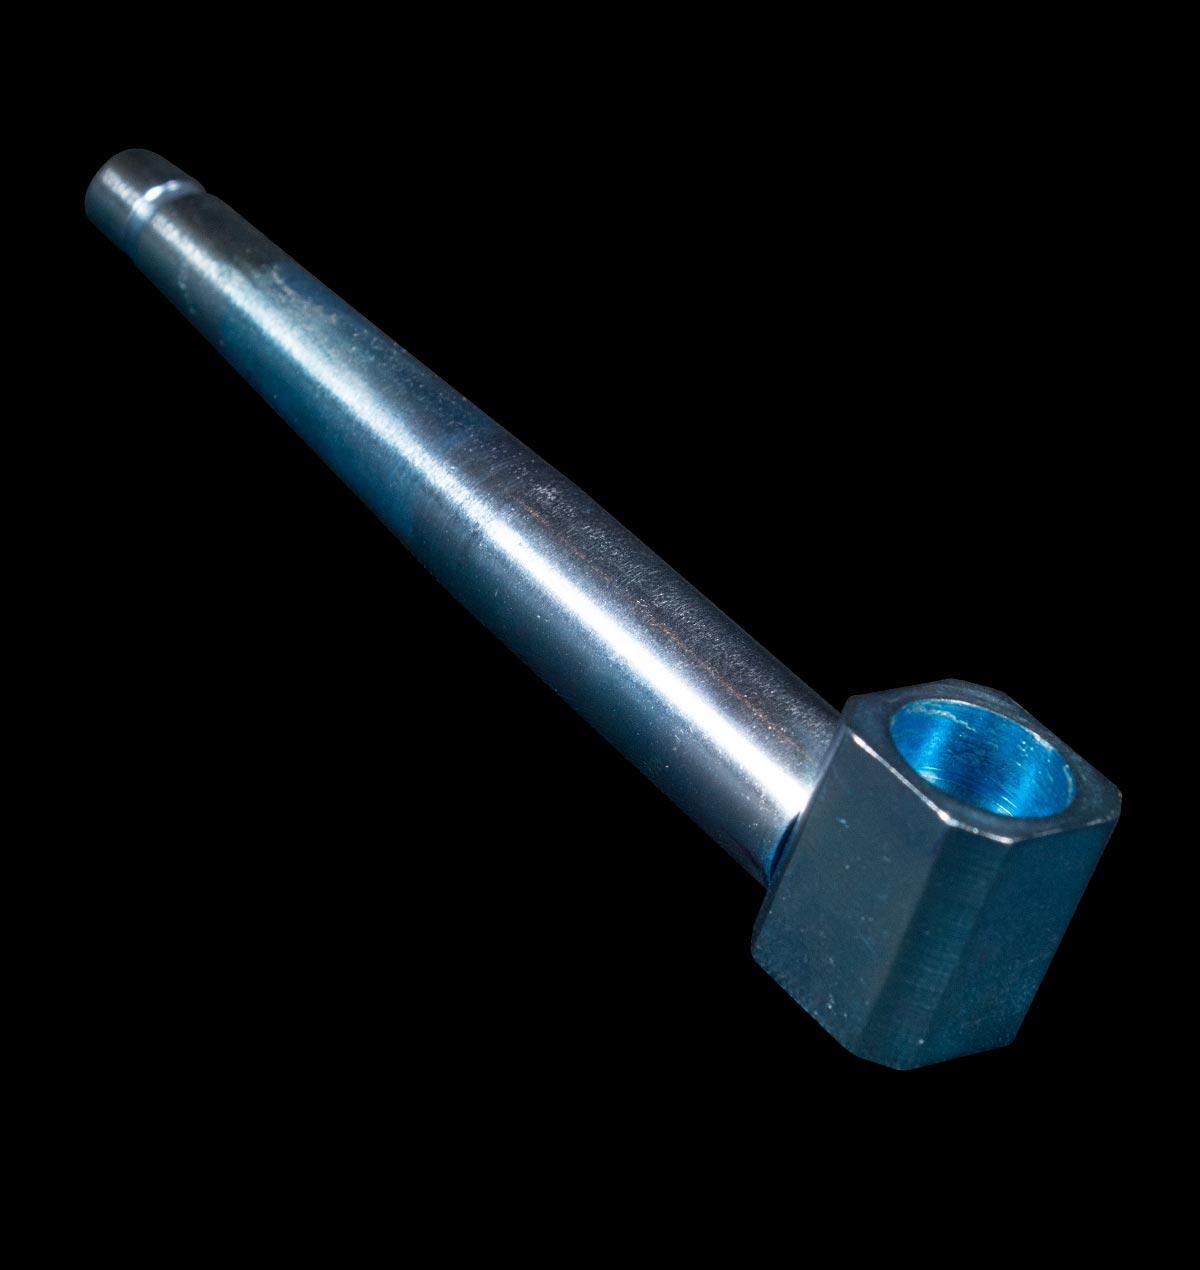 Blue Metal Pipe